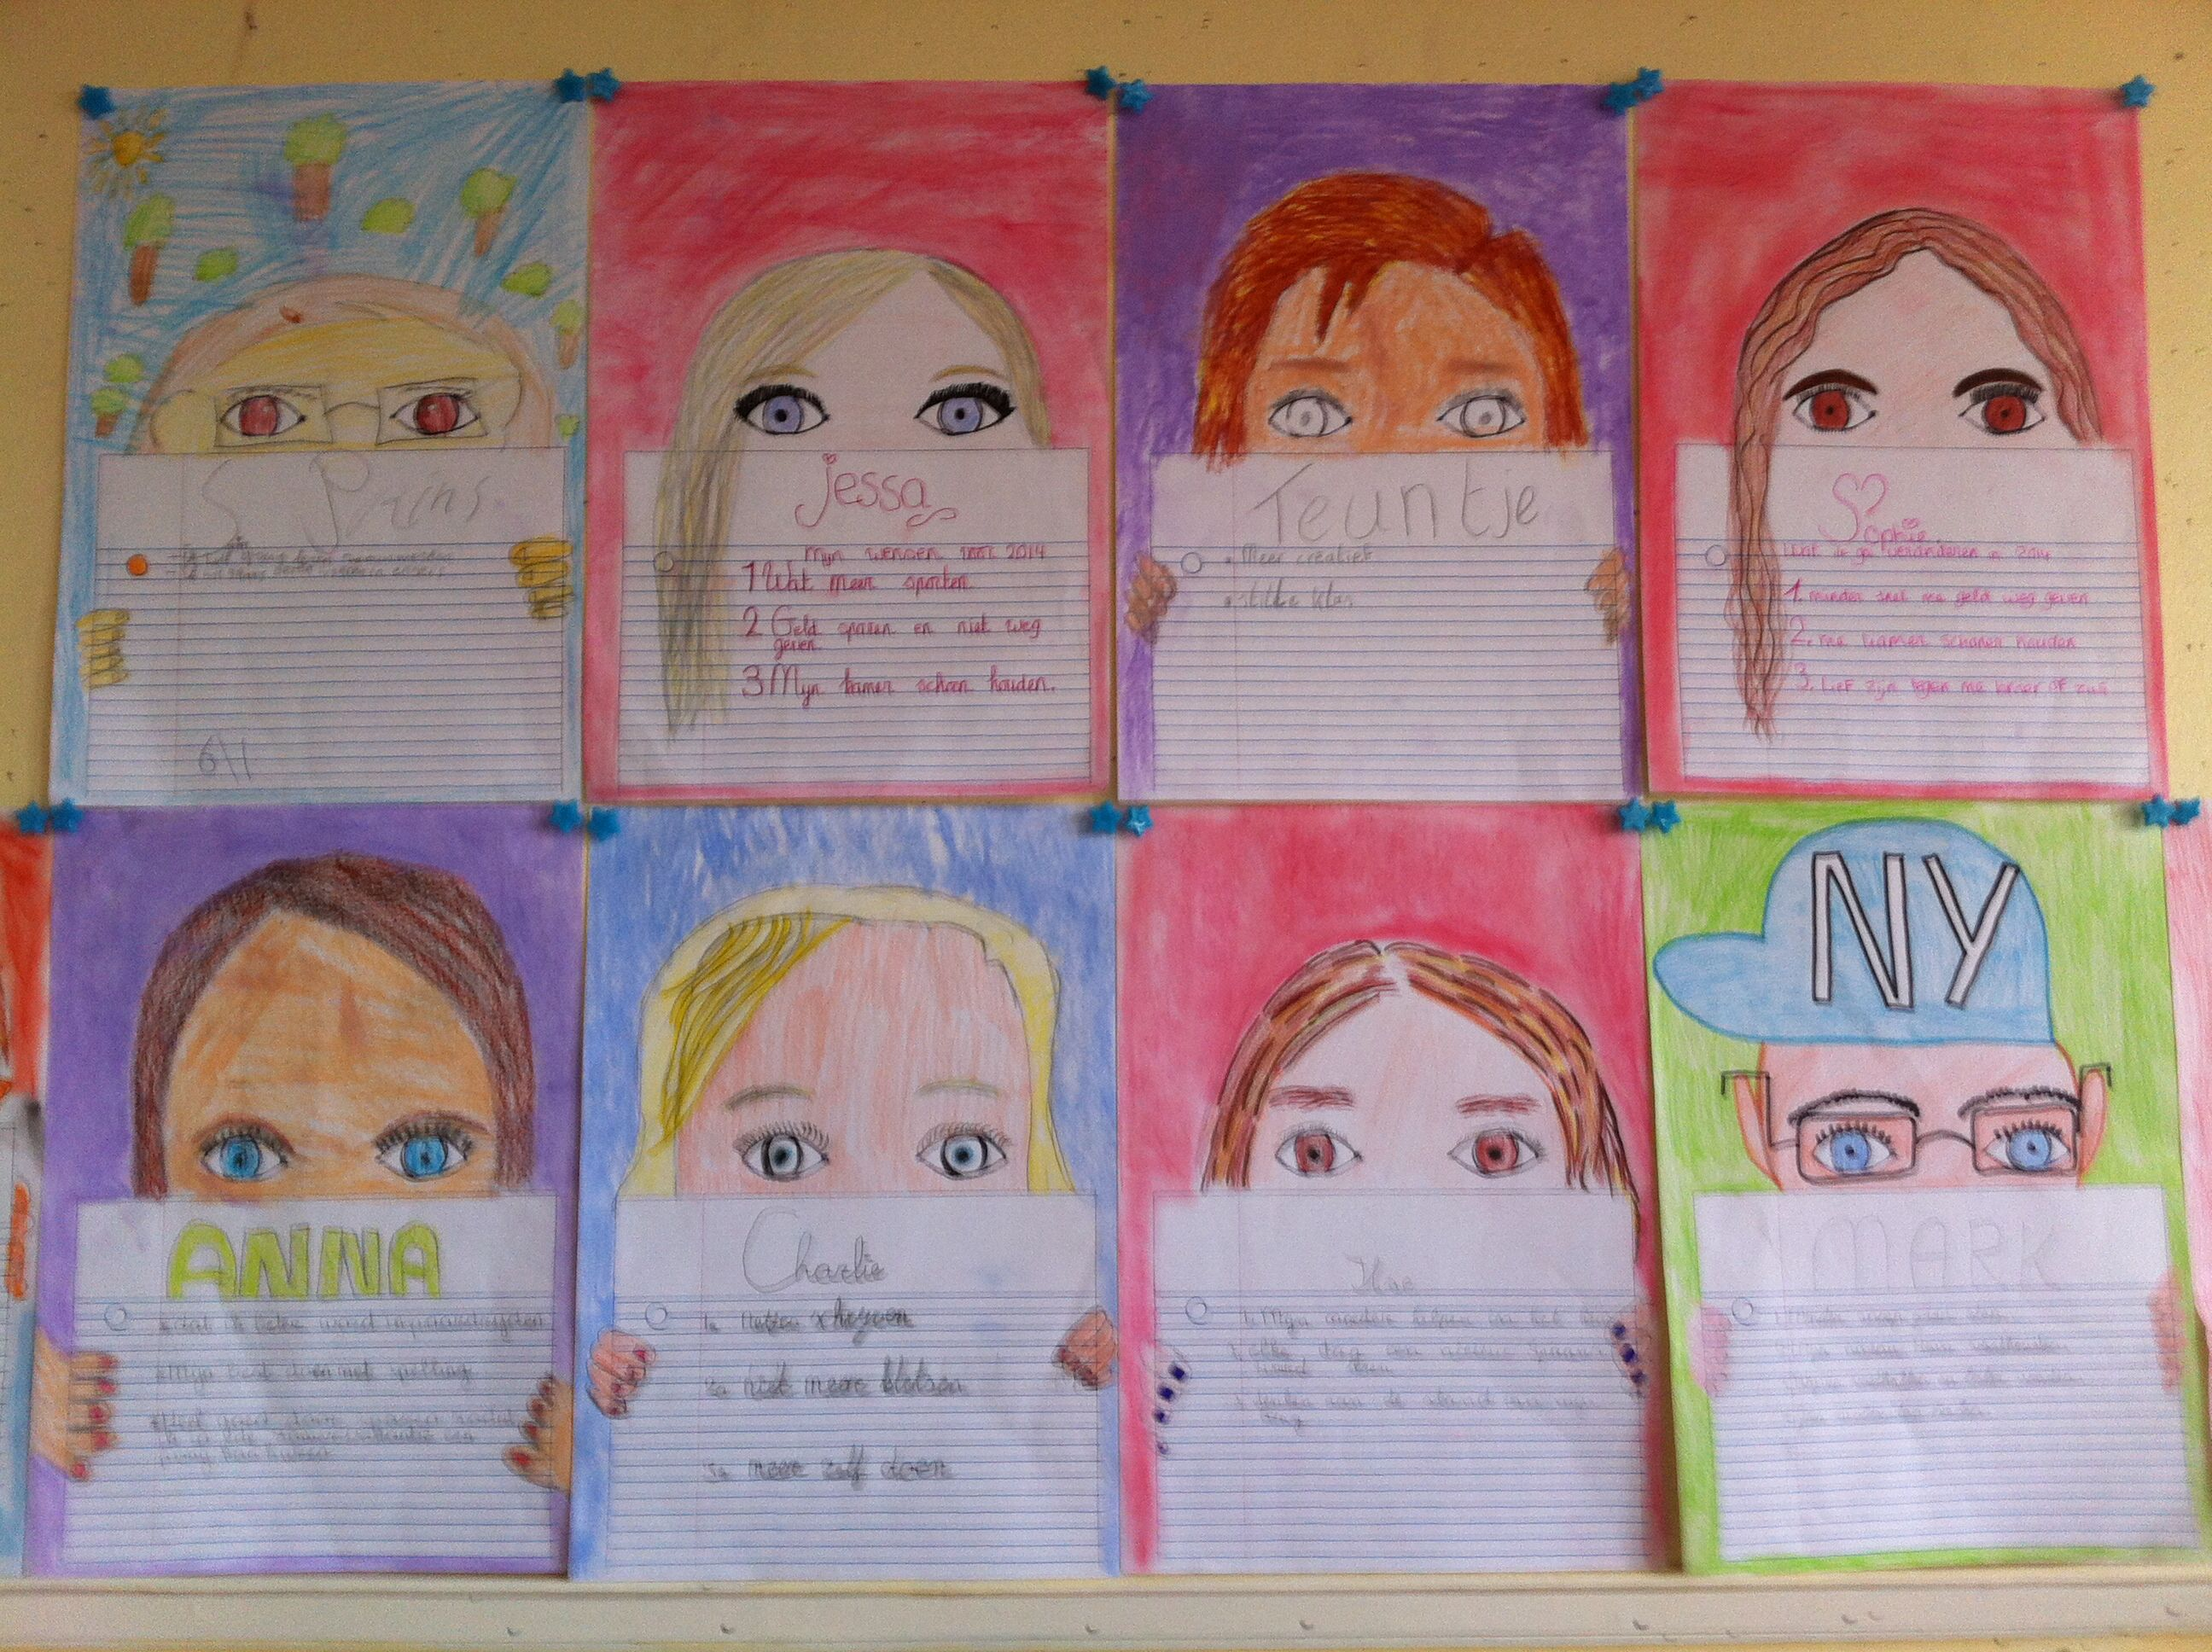 Zelfportret met goede voornemens/doelen voor komend jaar. Groep 6,7,8